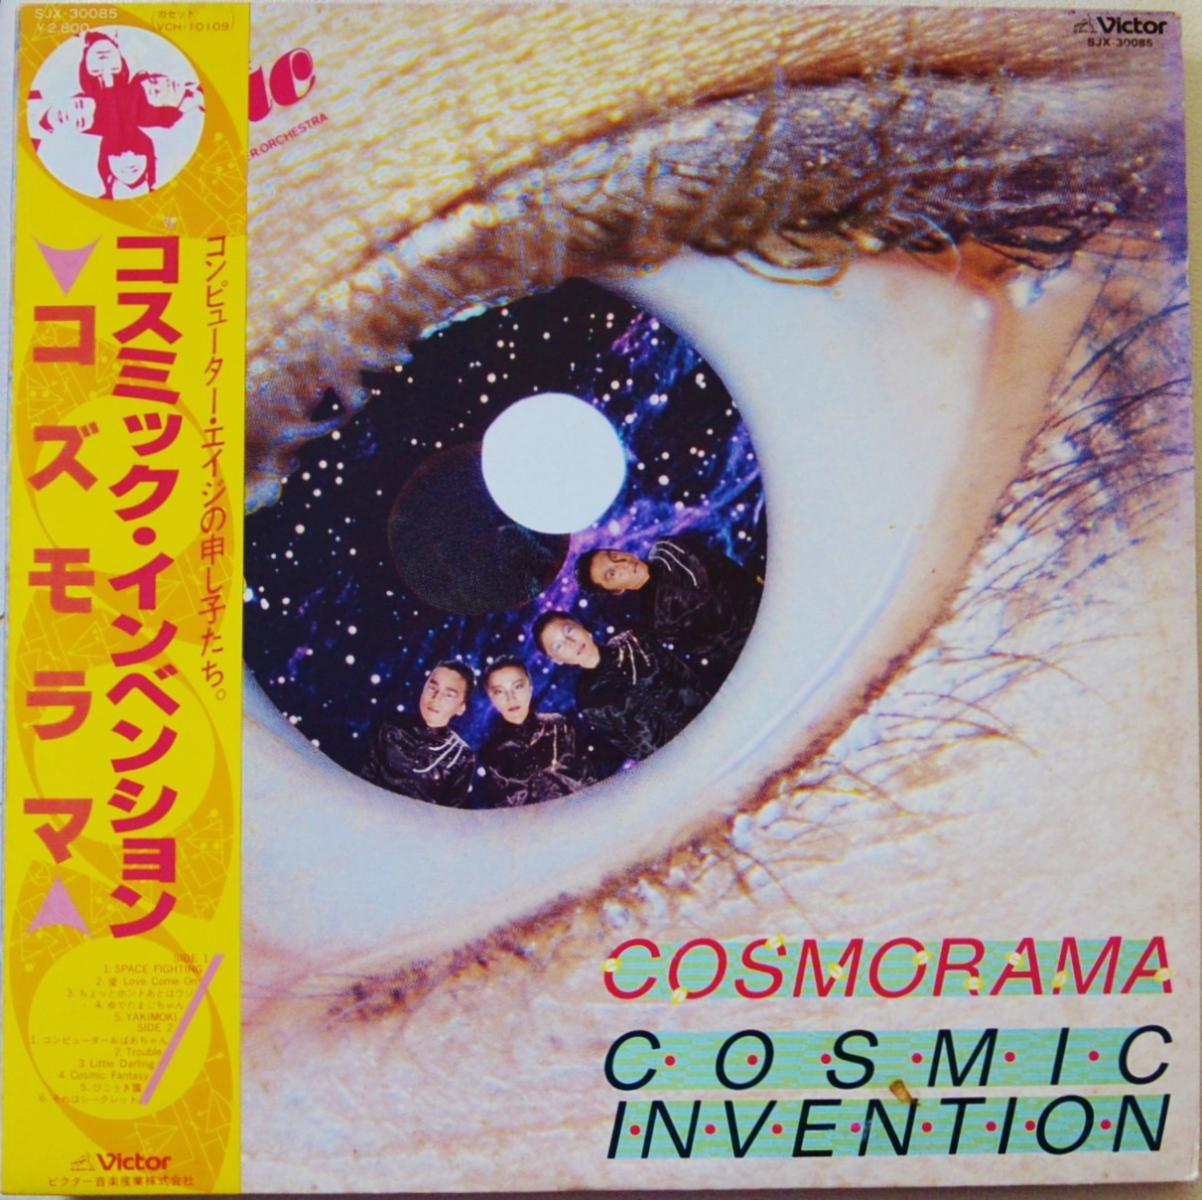 コスミック・インベンション COSMIC INVENTION / コズモラマ COSMORAMA (LP)